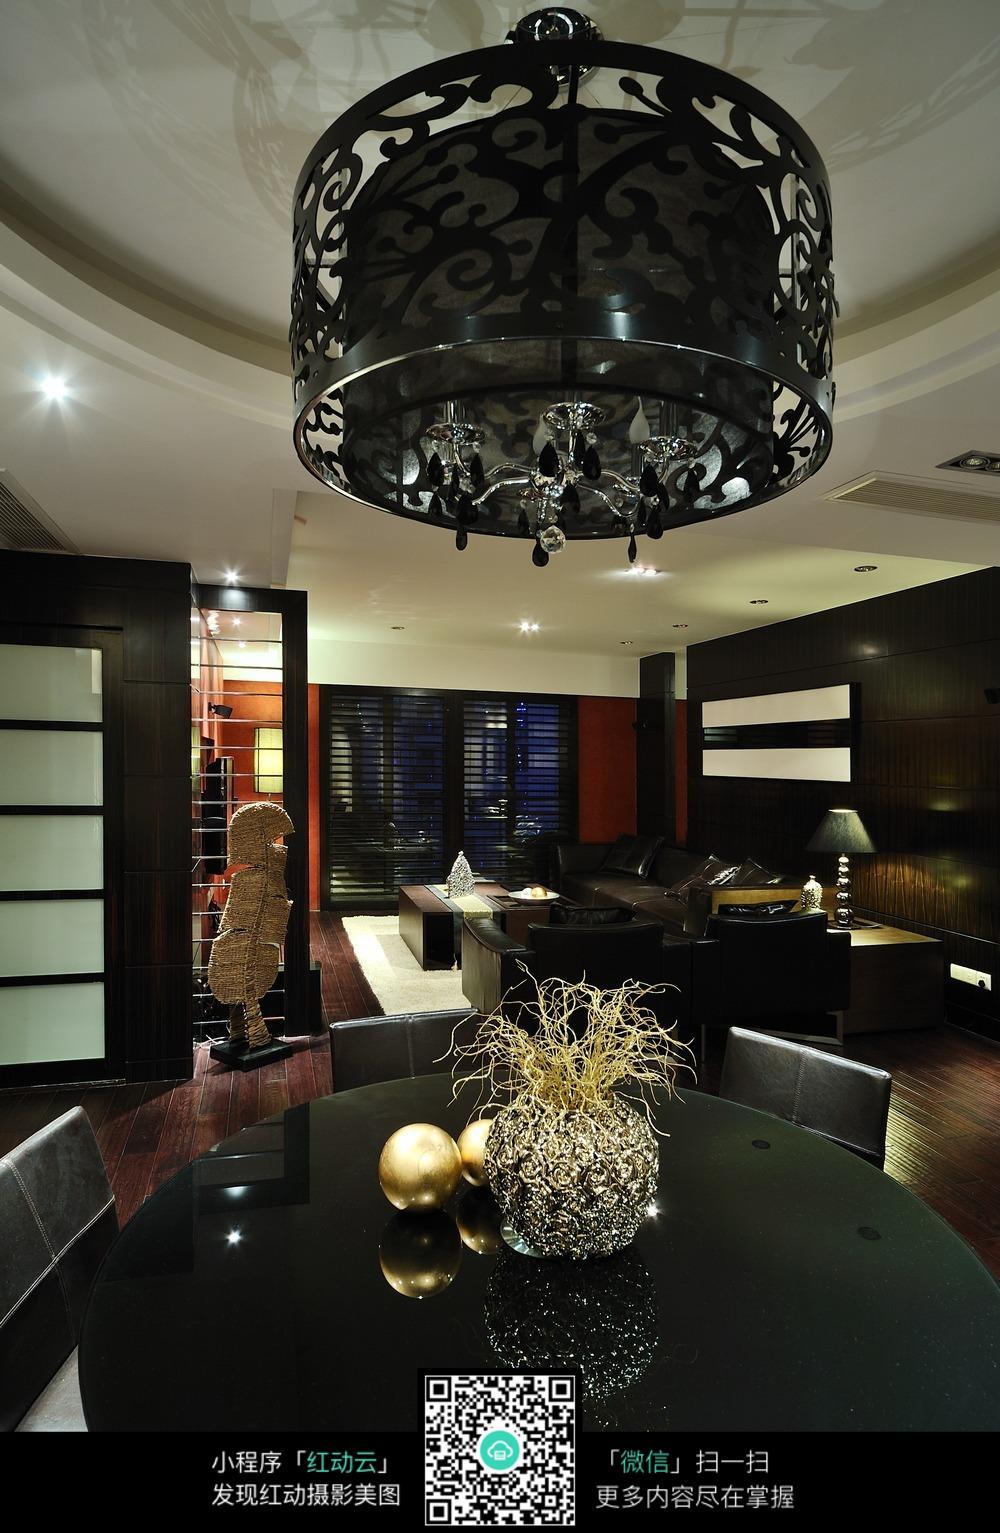 饭厅黑色唯美吊灯设计素材